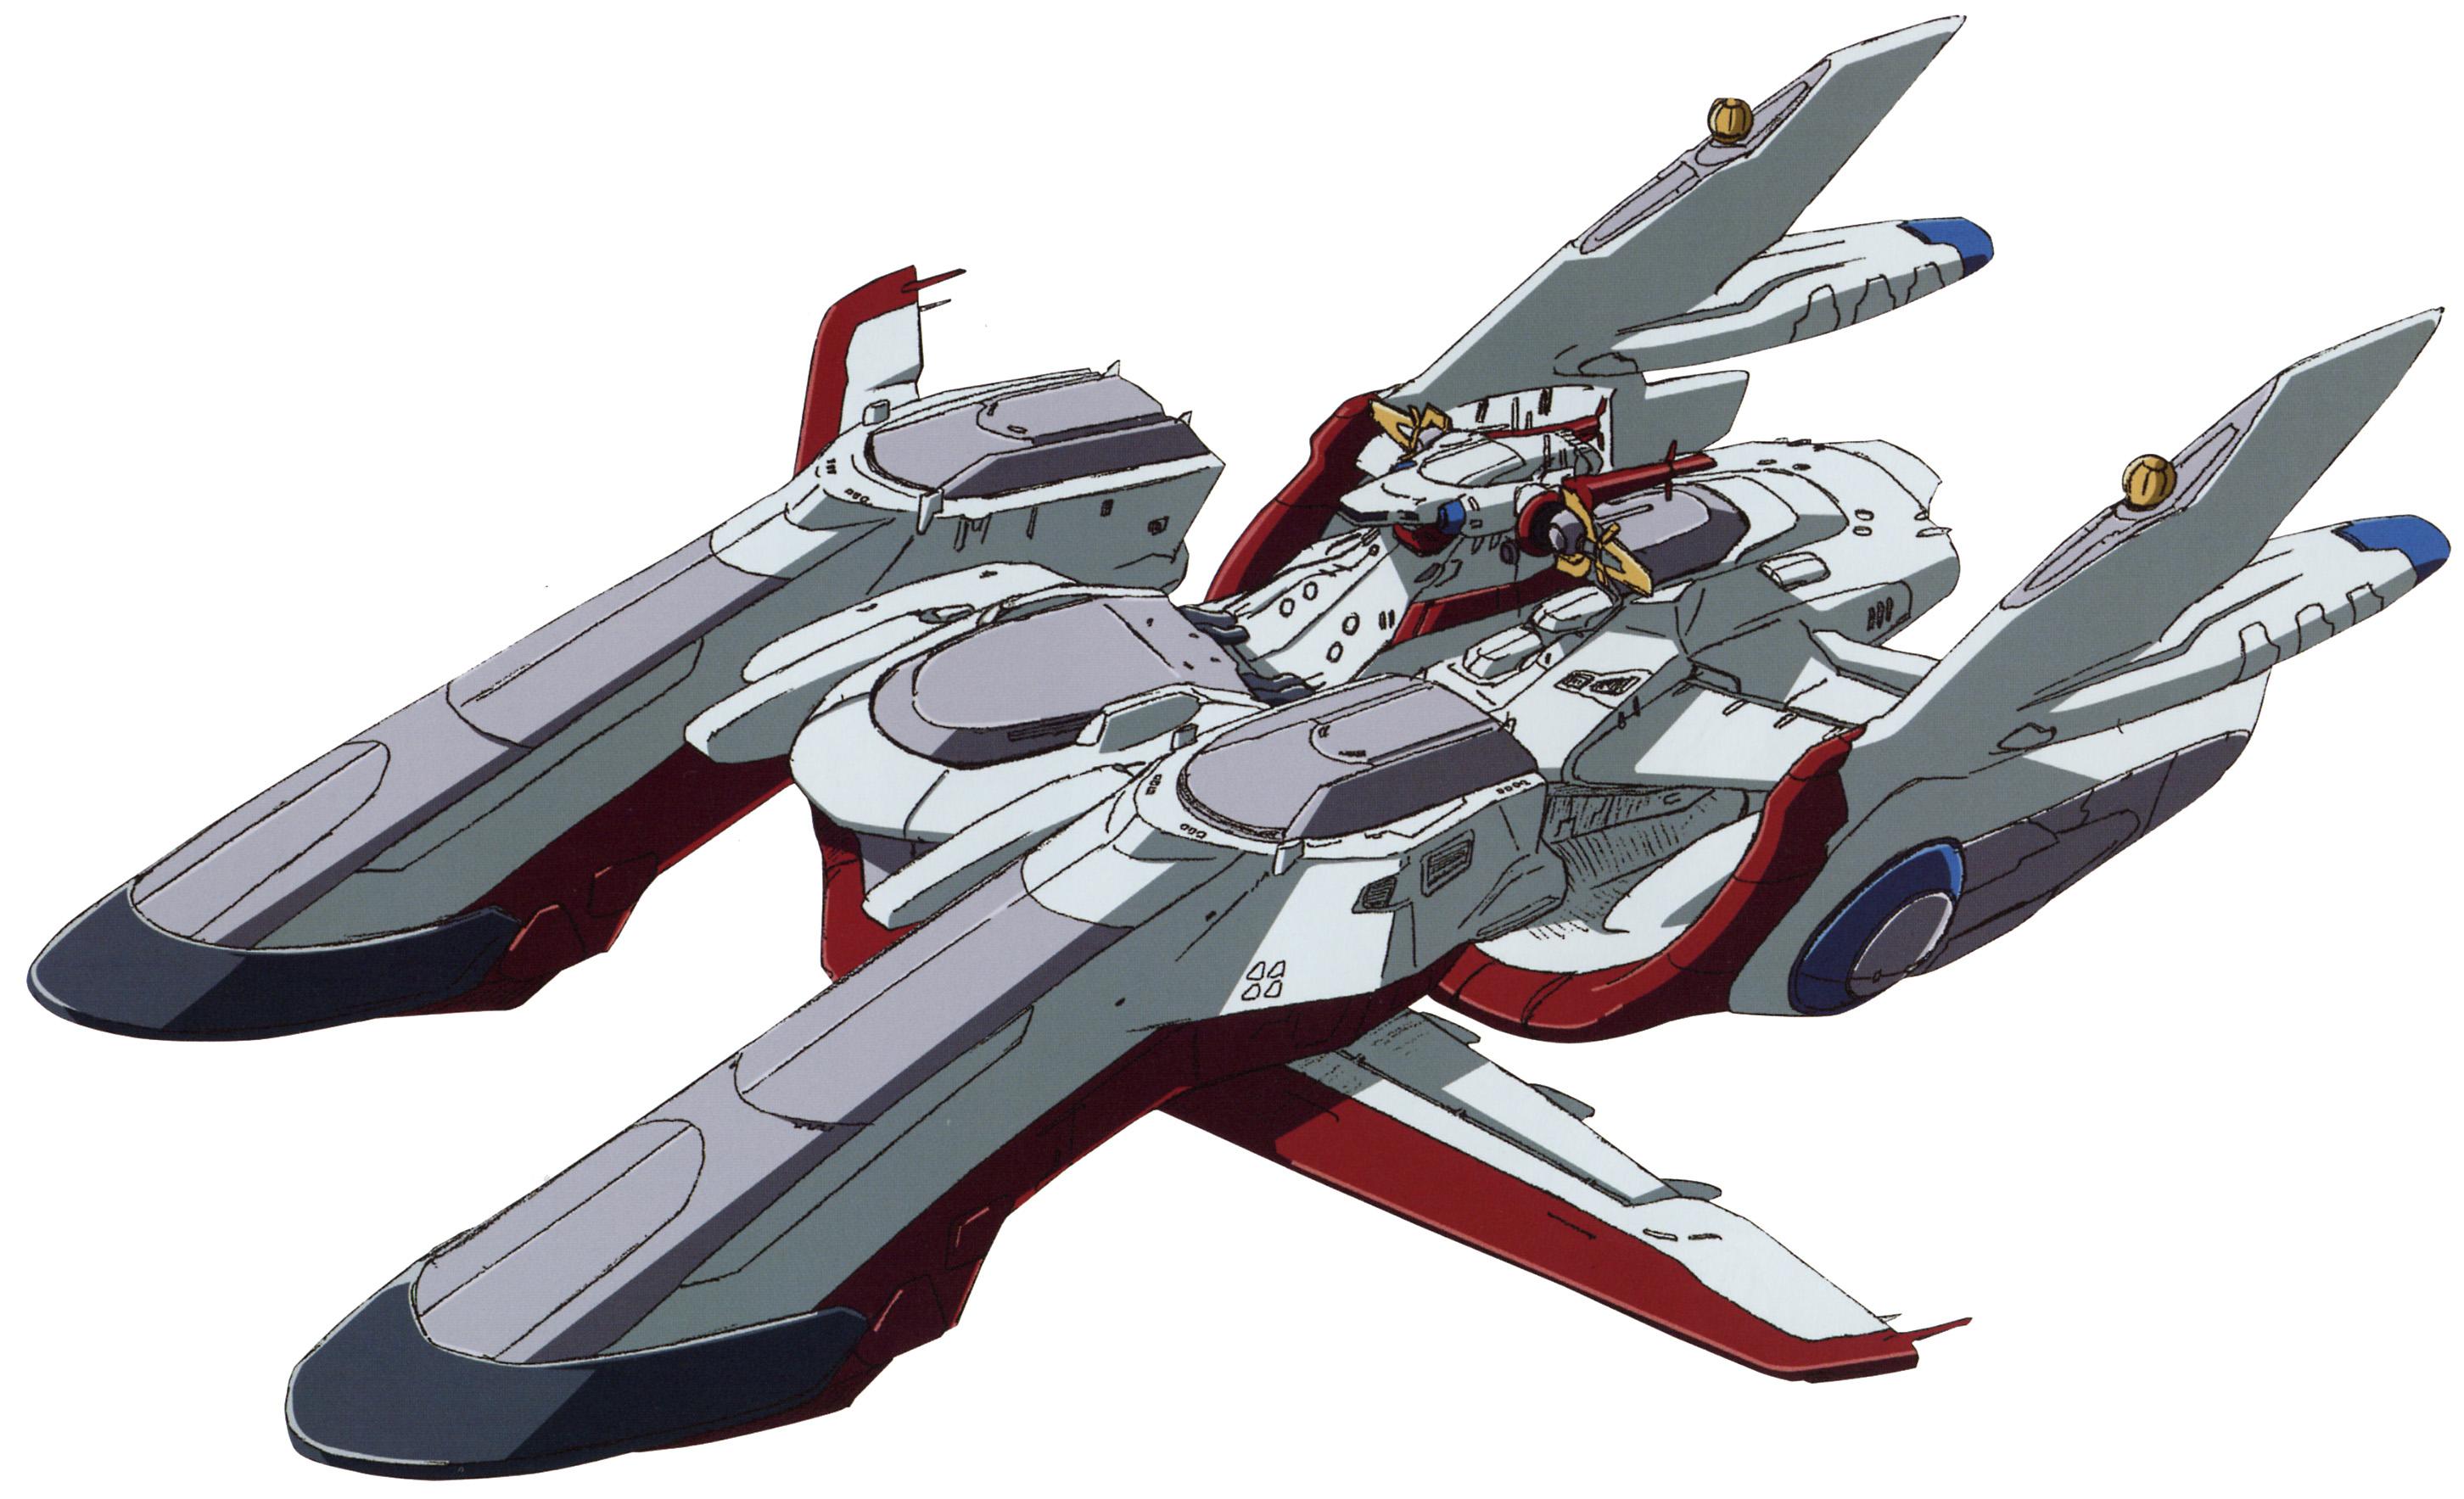 File:Archangel class assault ship (archangel).jpg